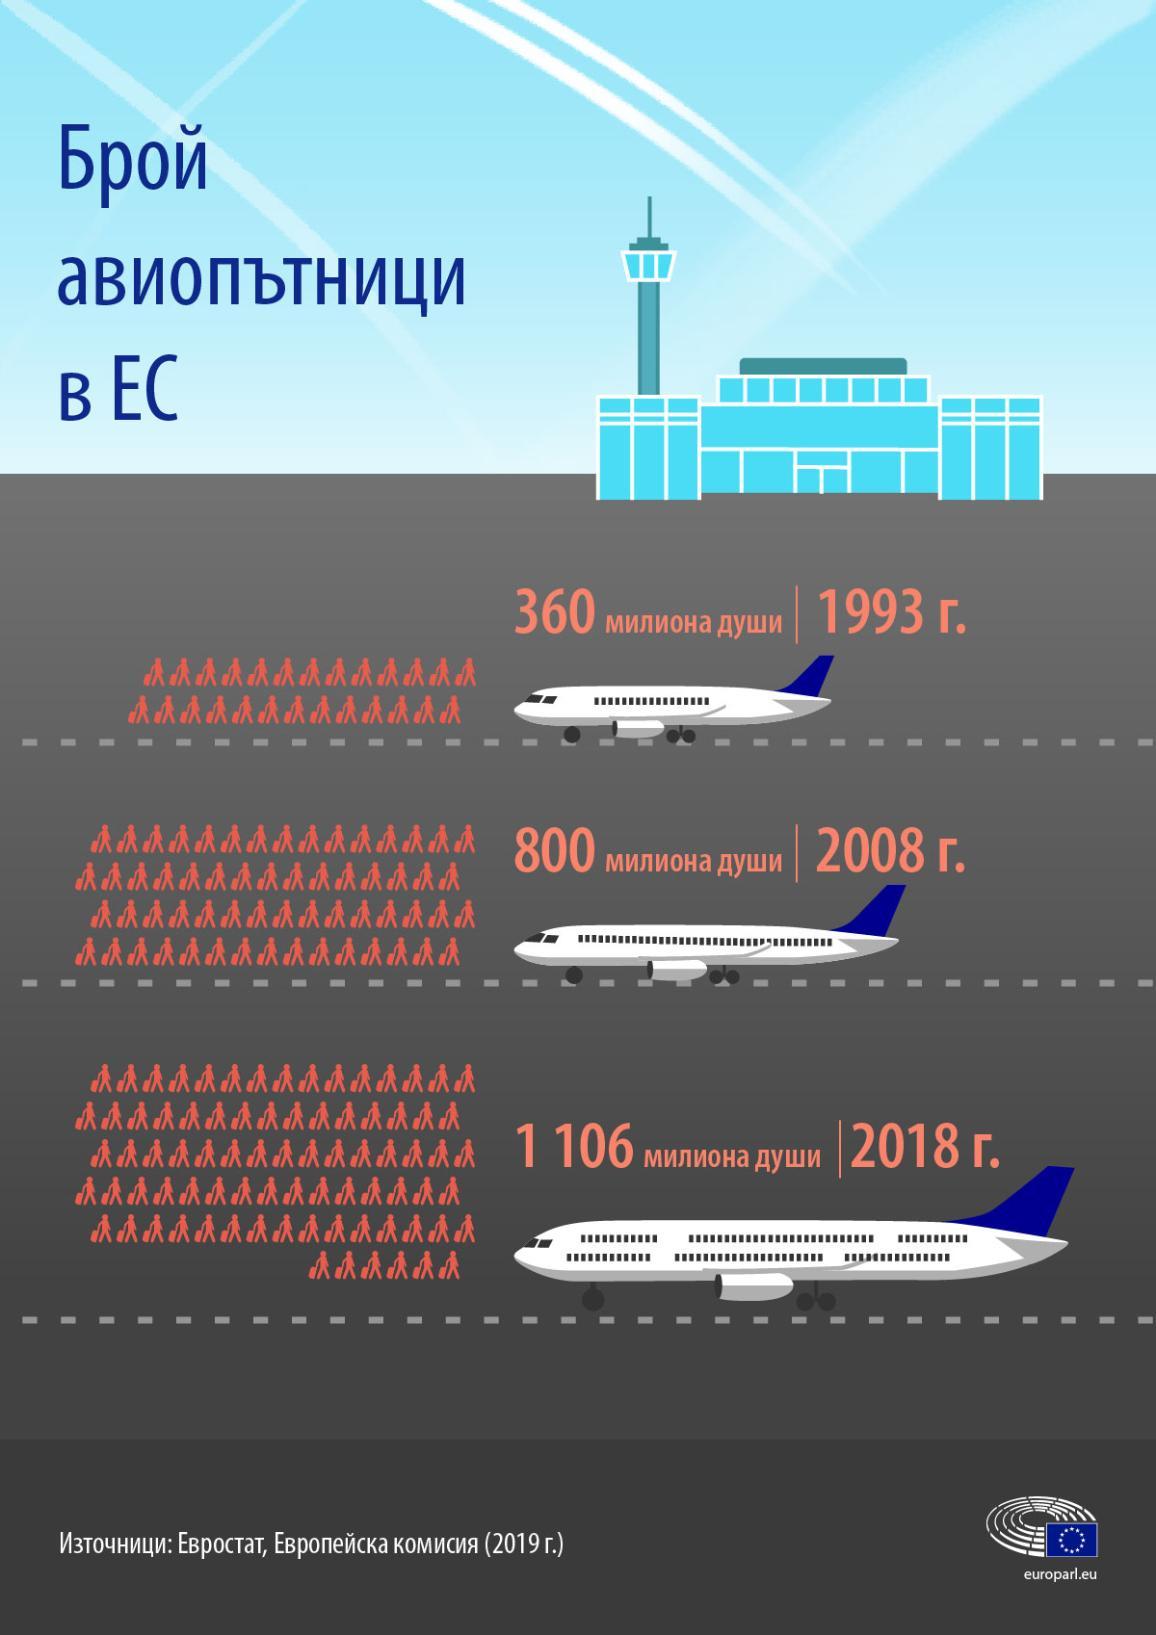 Инфографика за развитието във времето на броя на авиопътниците в ЕС